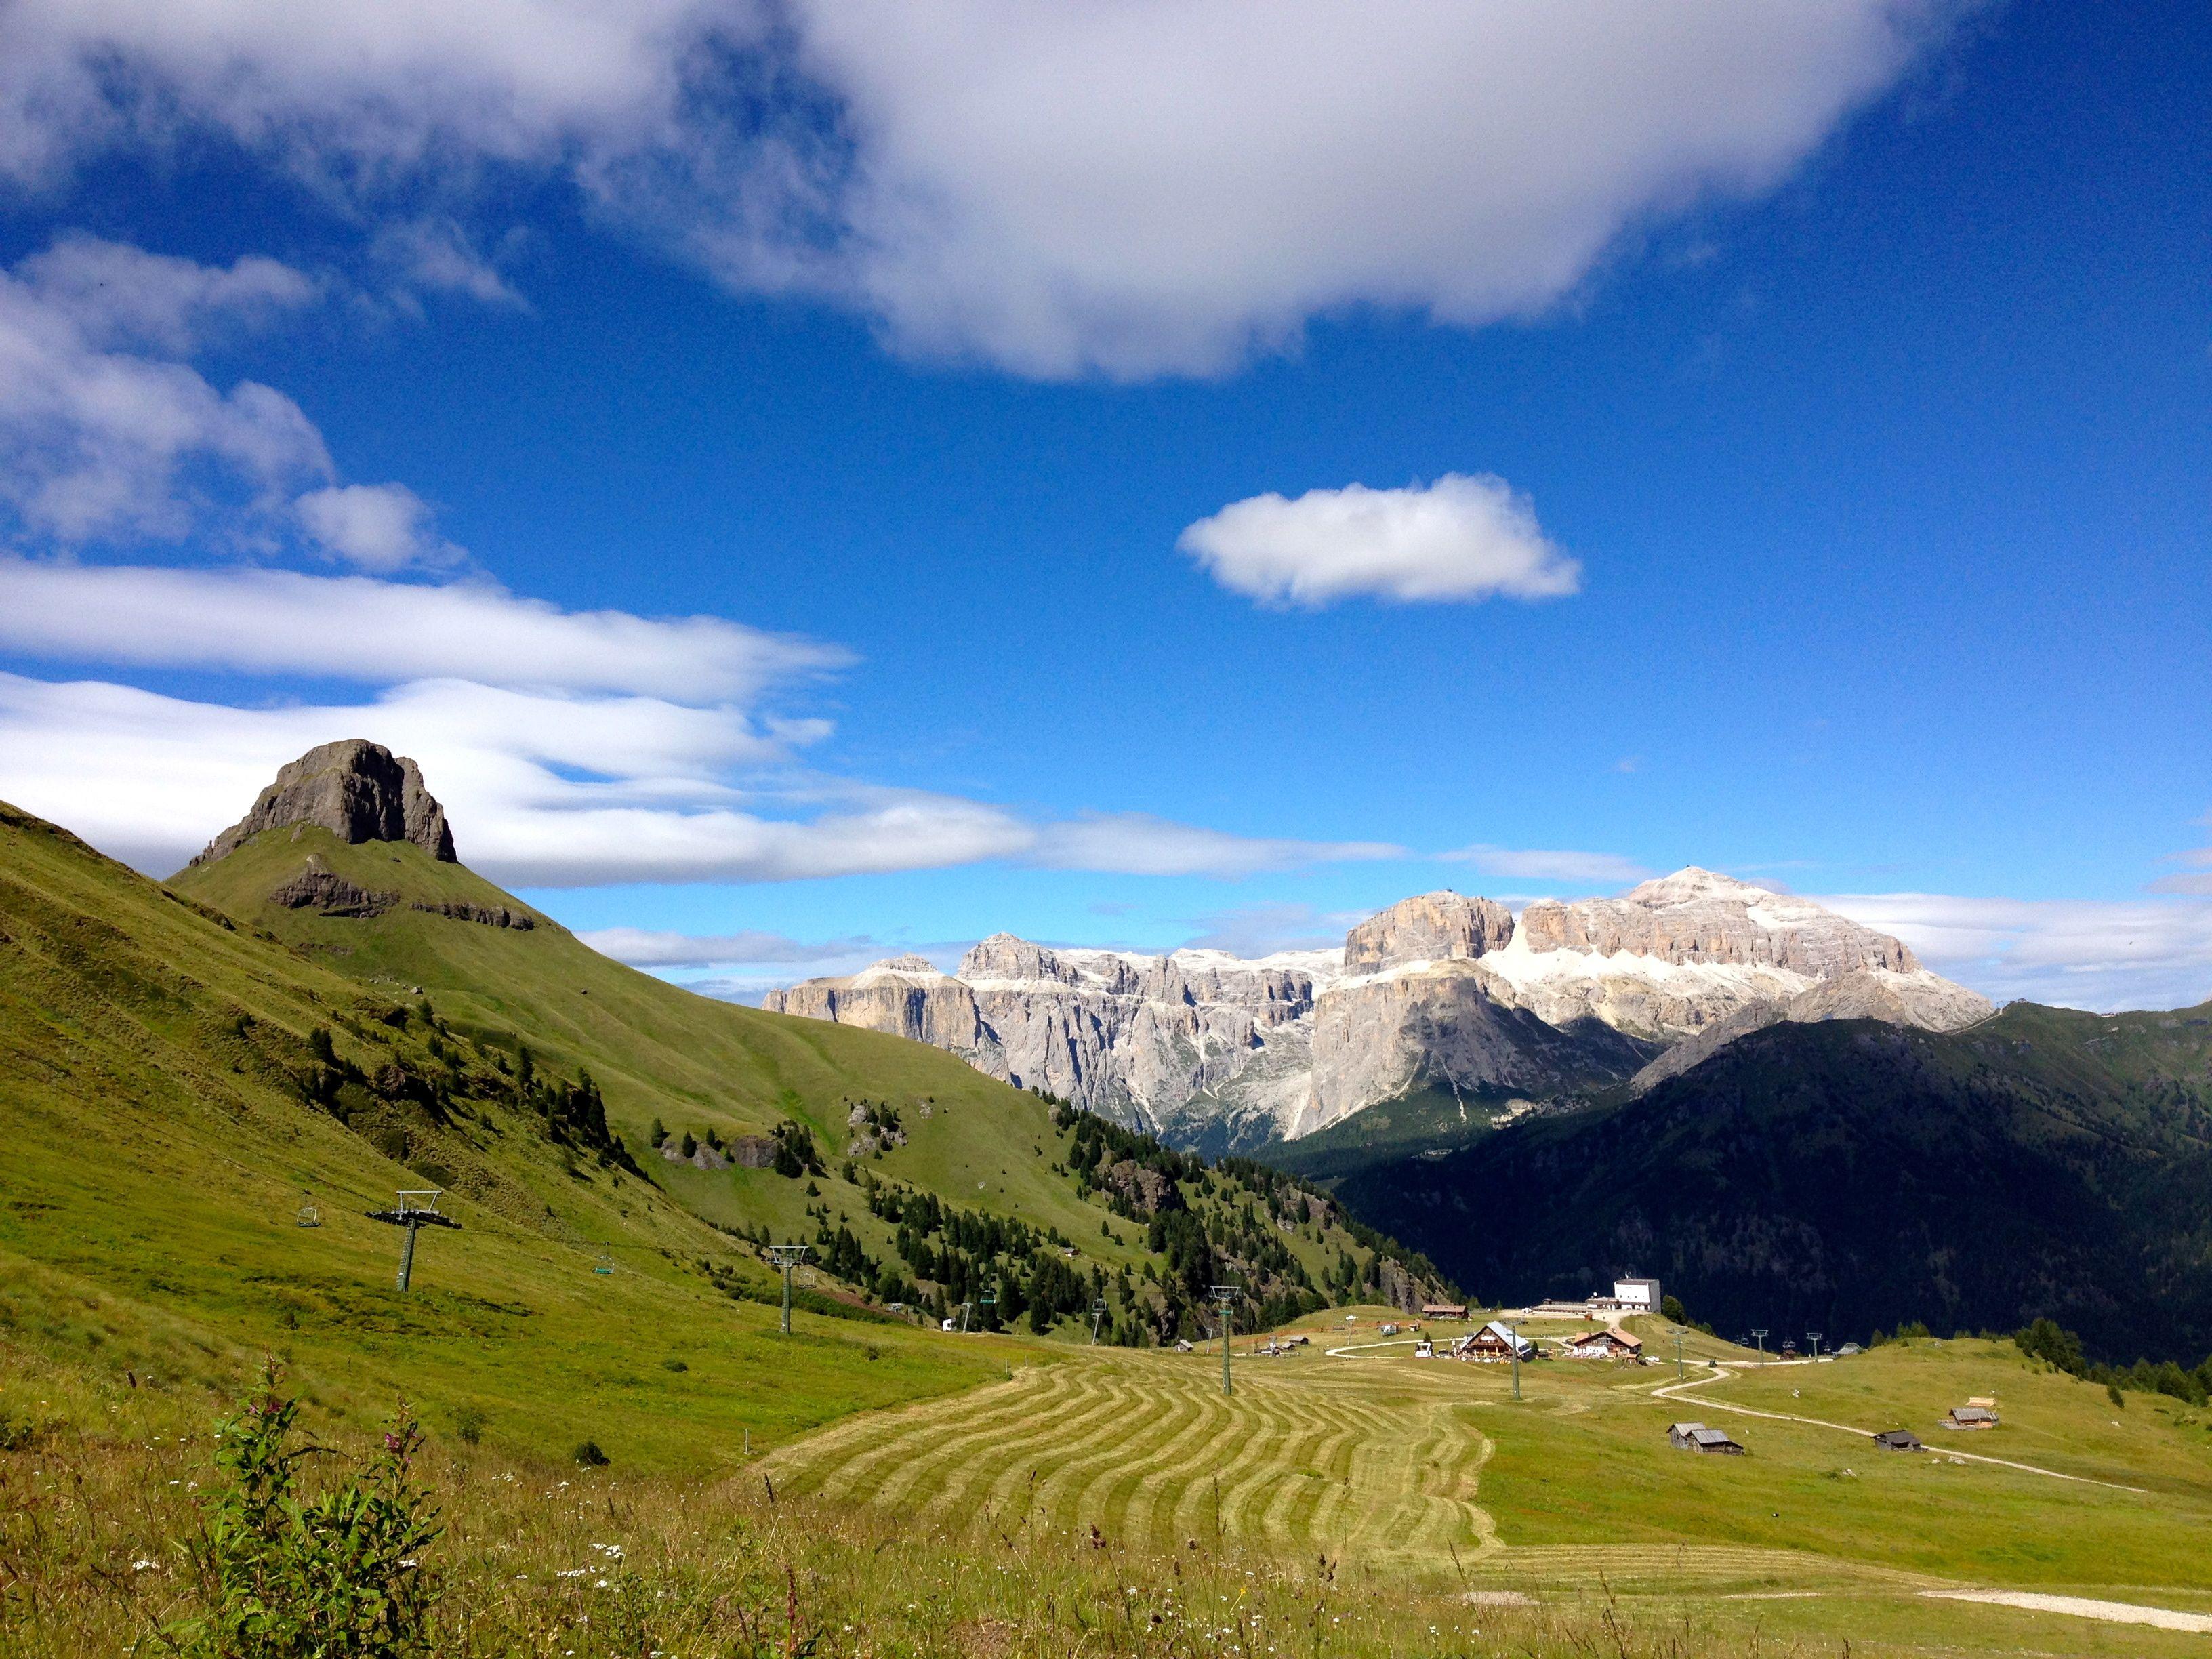 Ciampac, Val di Fassa, Trentino/Alto Adige Alto adige, Alto